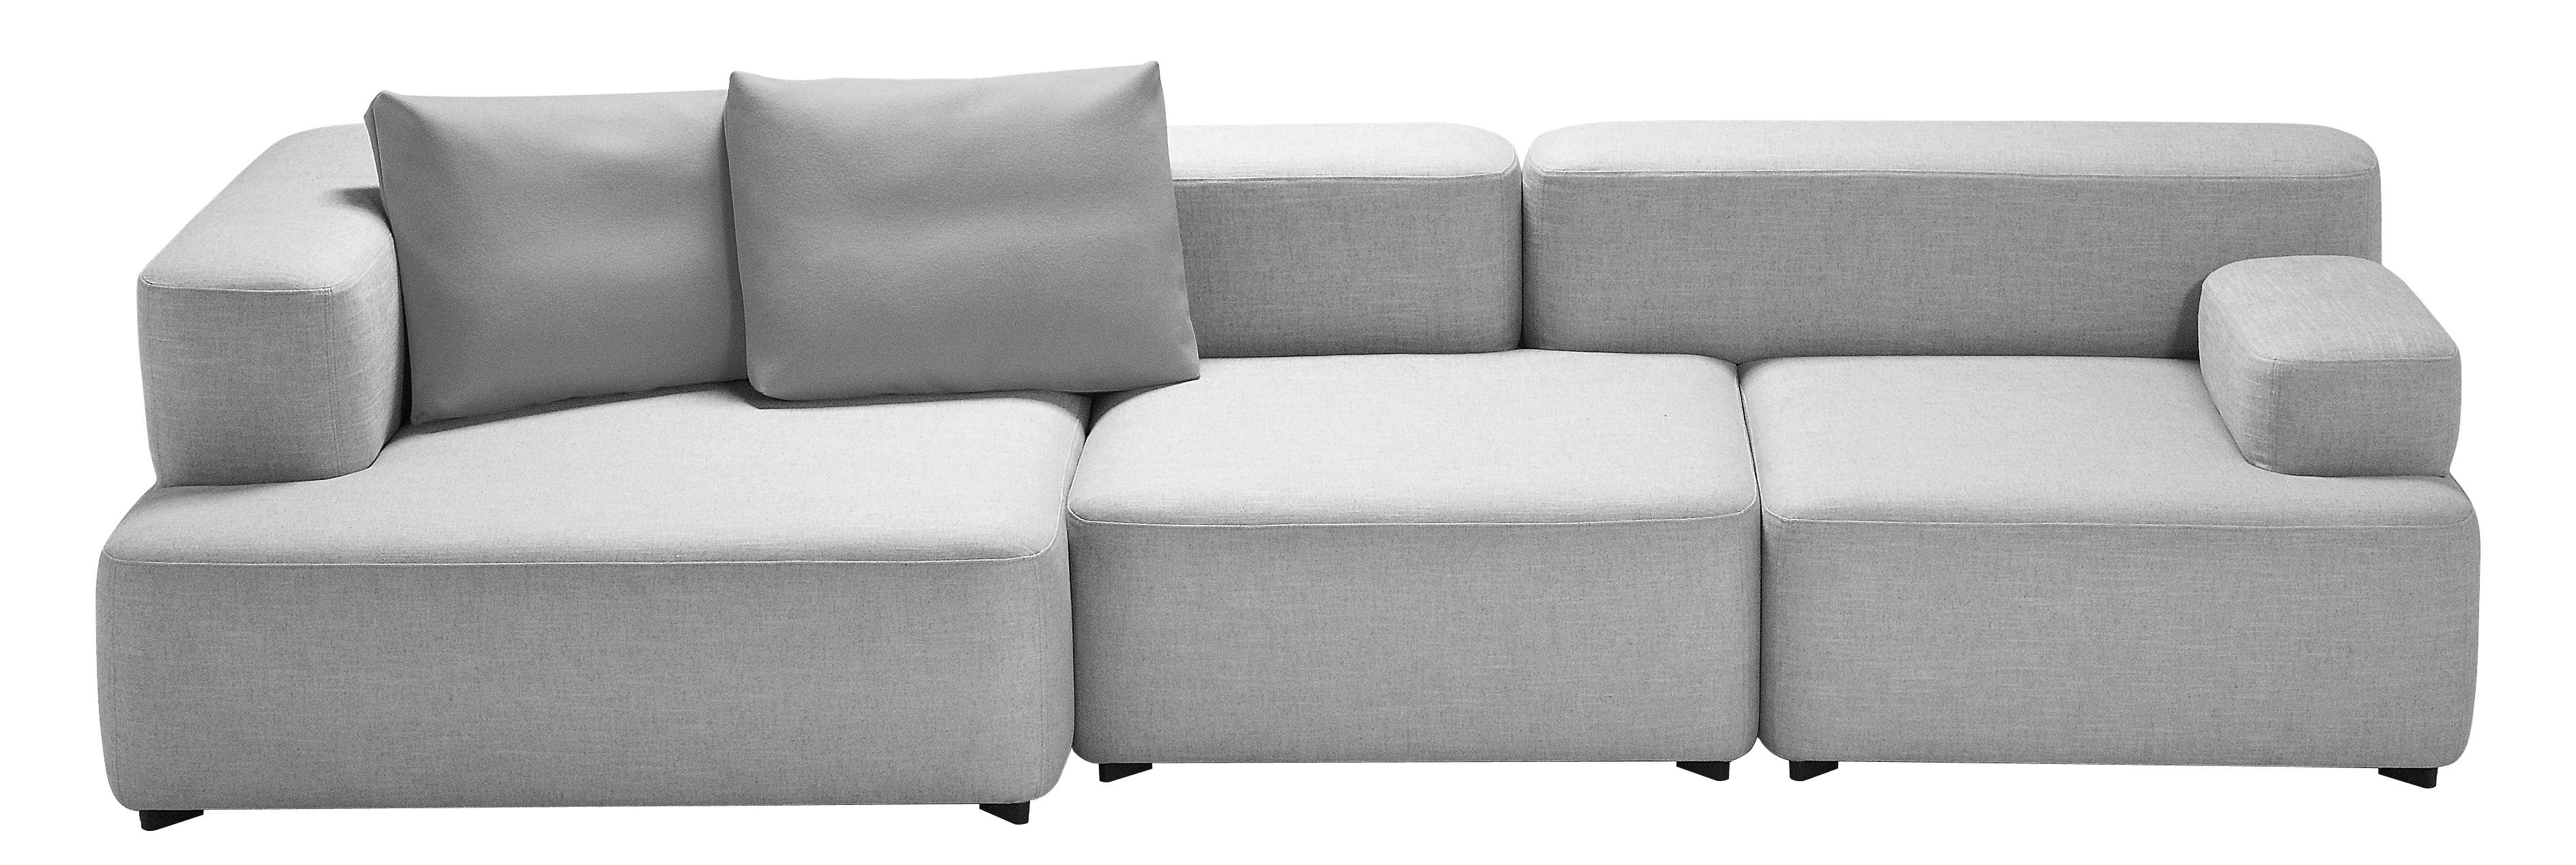 Möbel - Sofas - Alphabet Sofa modularer 3-Sitzer - L 300 x T 120 cm - Fritz Hansen - Hellgrau - Kvadrat-Gewebe, Schaumstoff